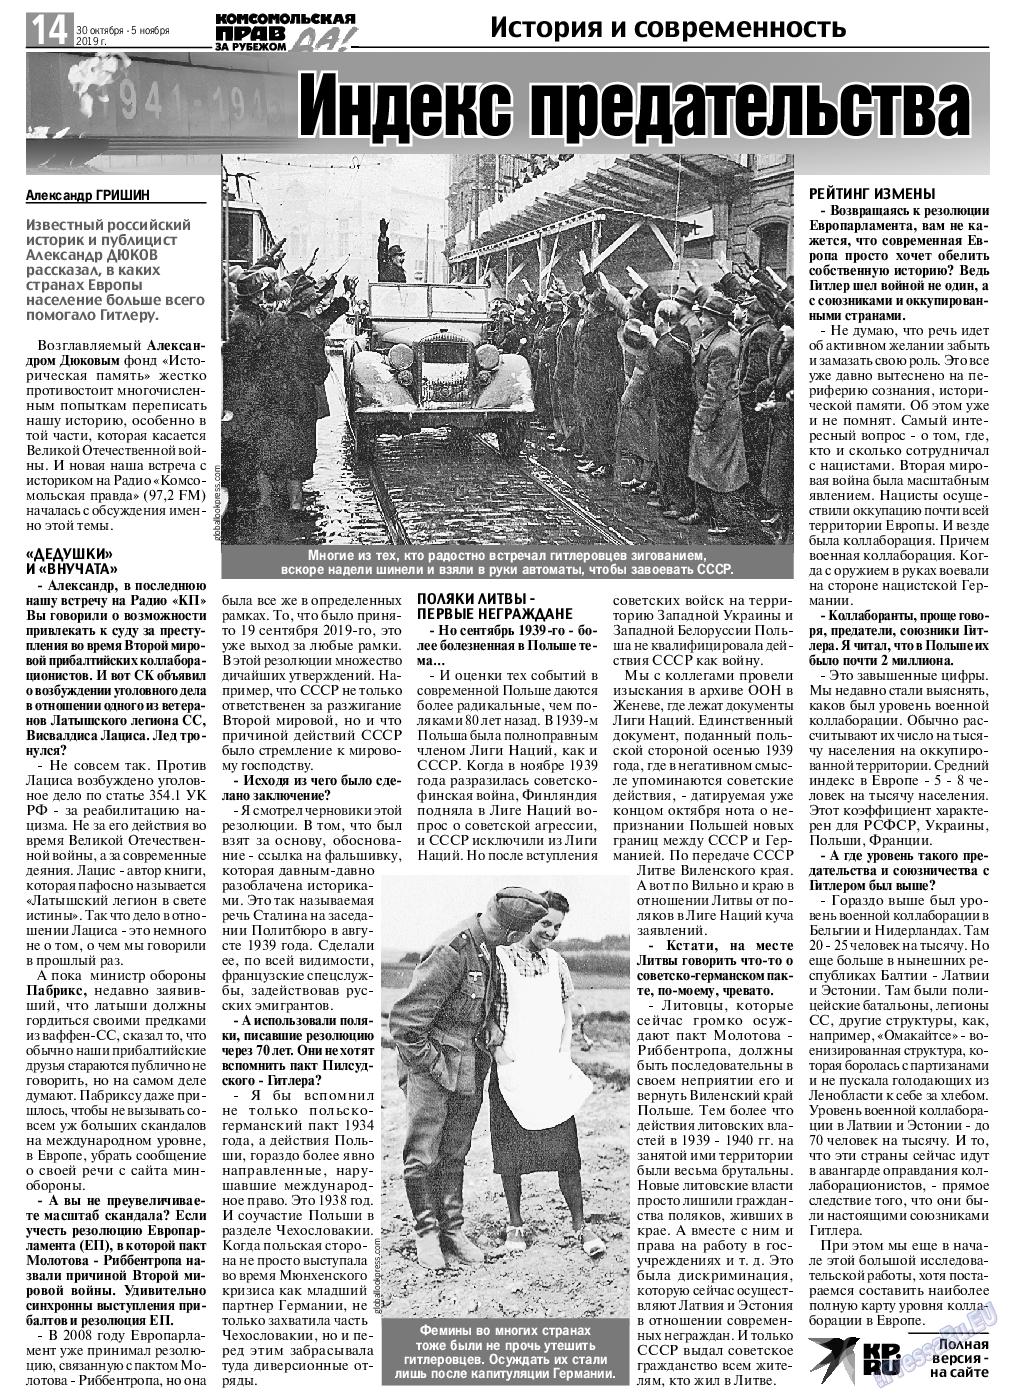 КП в Европе (газета). 2019 год, номер 44, стр. 14